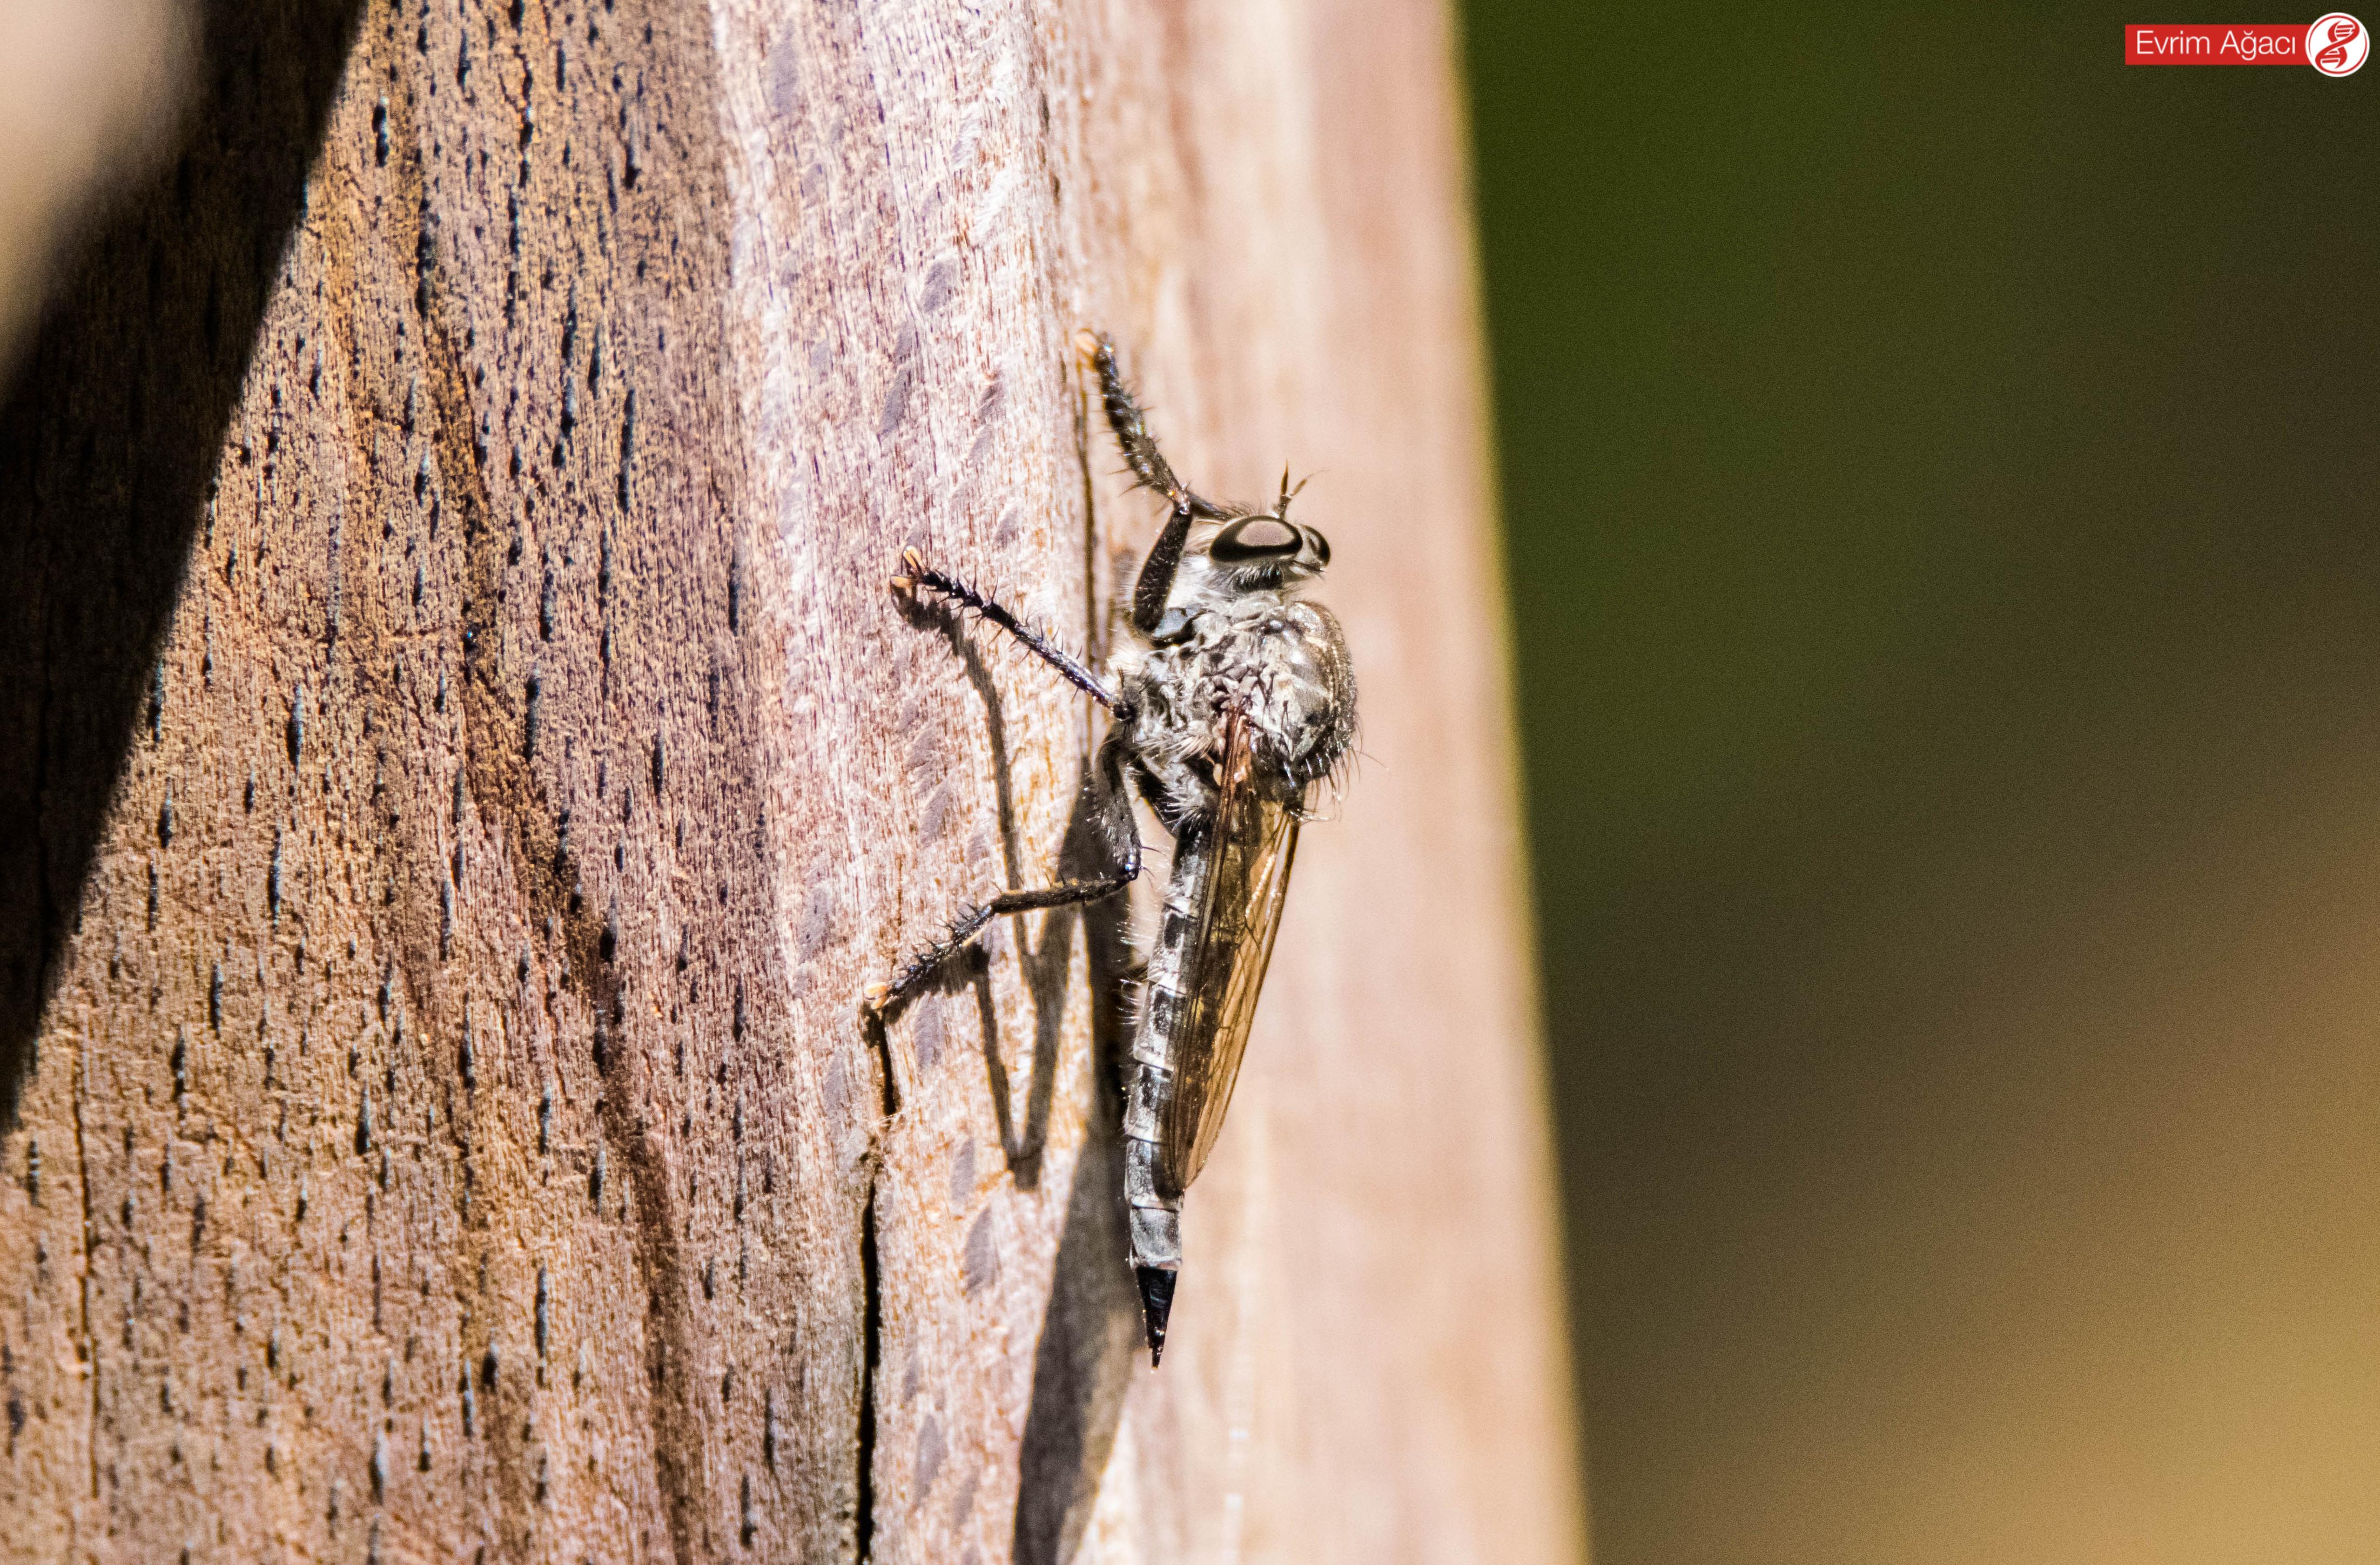 Karnının ucundaki yumurta kanalı (ovipositor), kendisinin pusuya yatan bir dişi olduğunu gösteriyor.